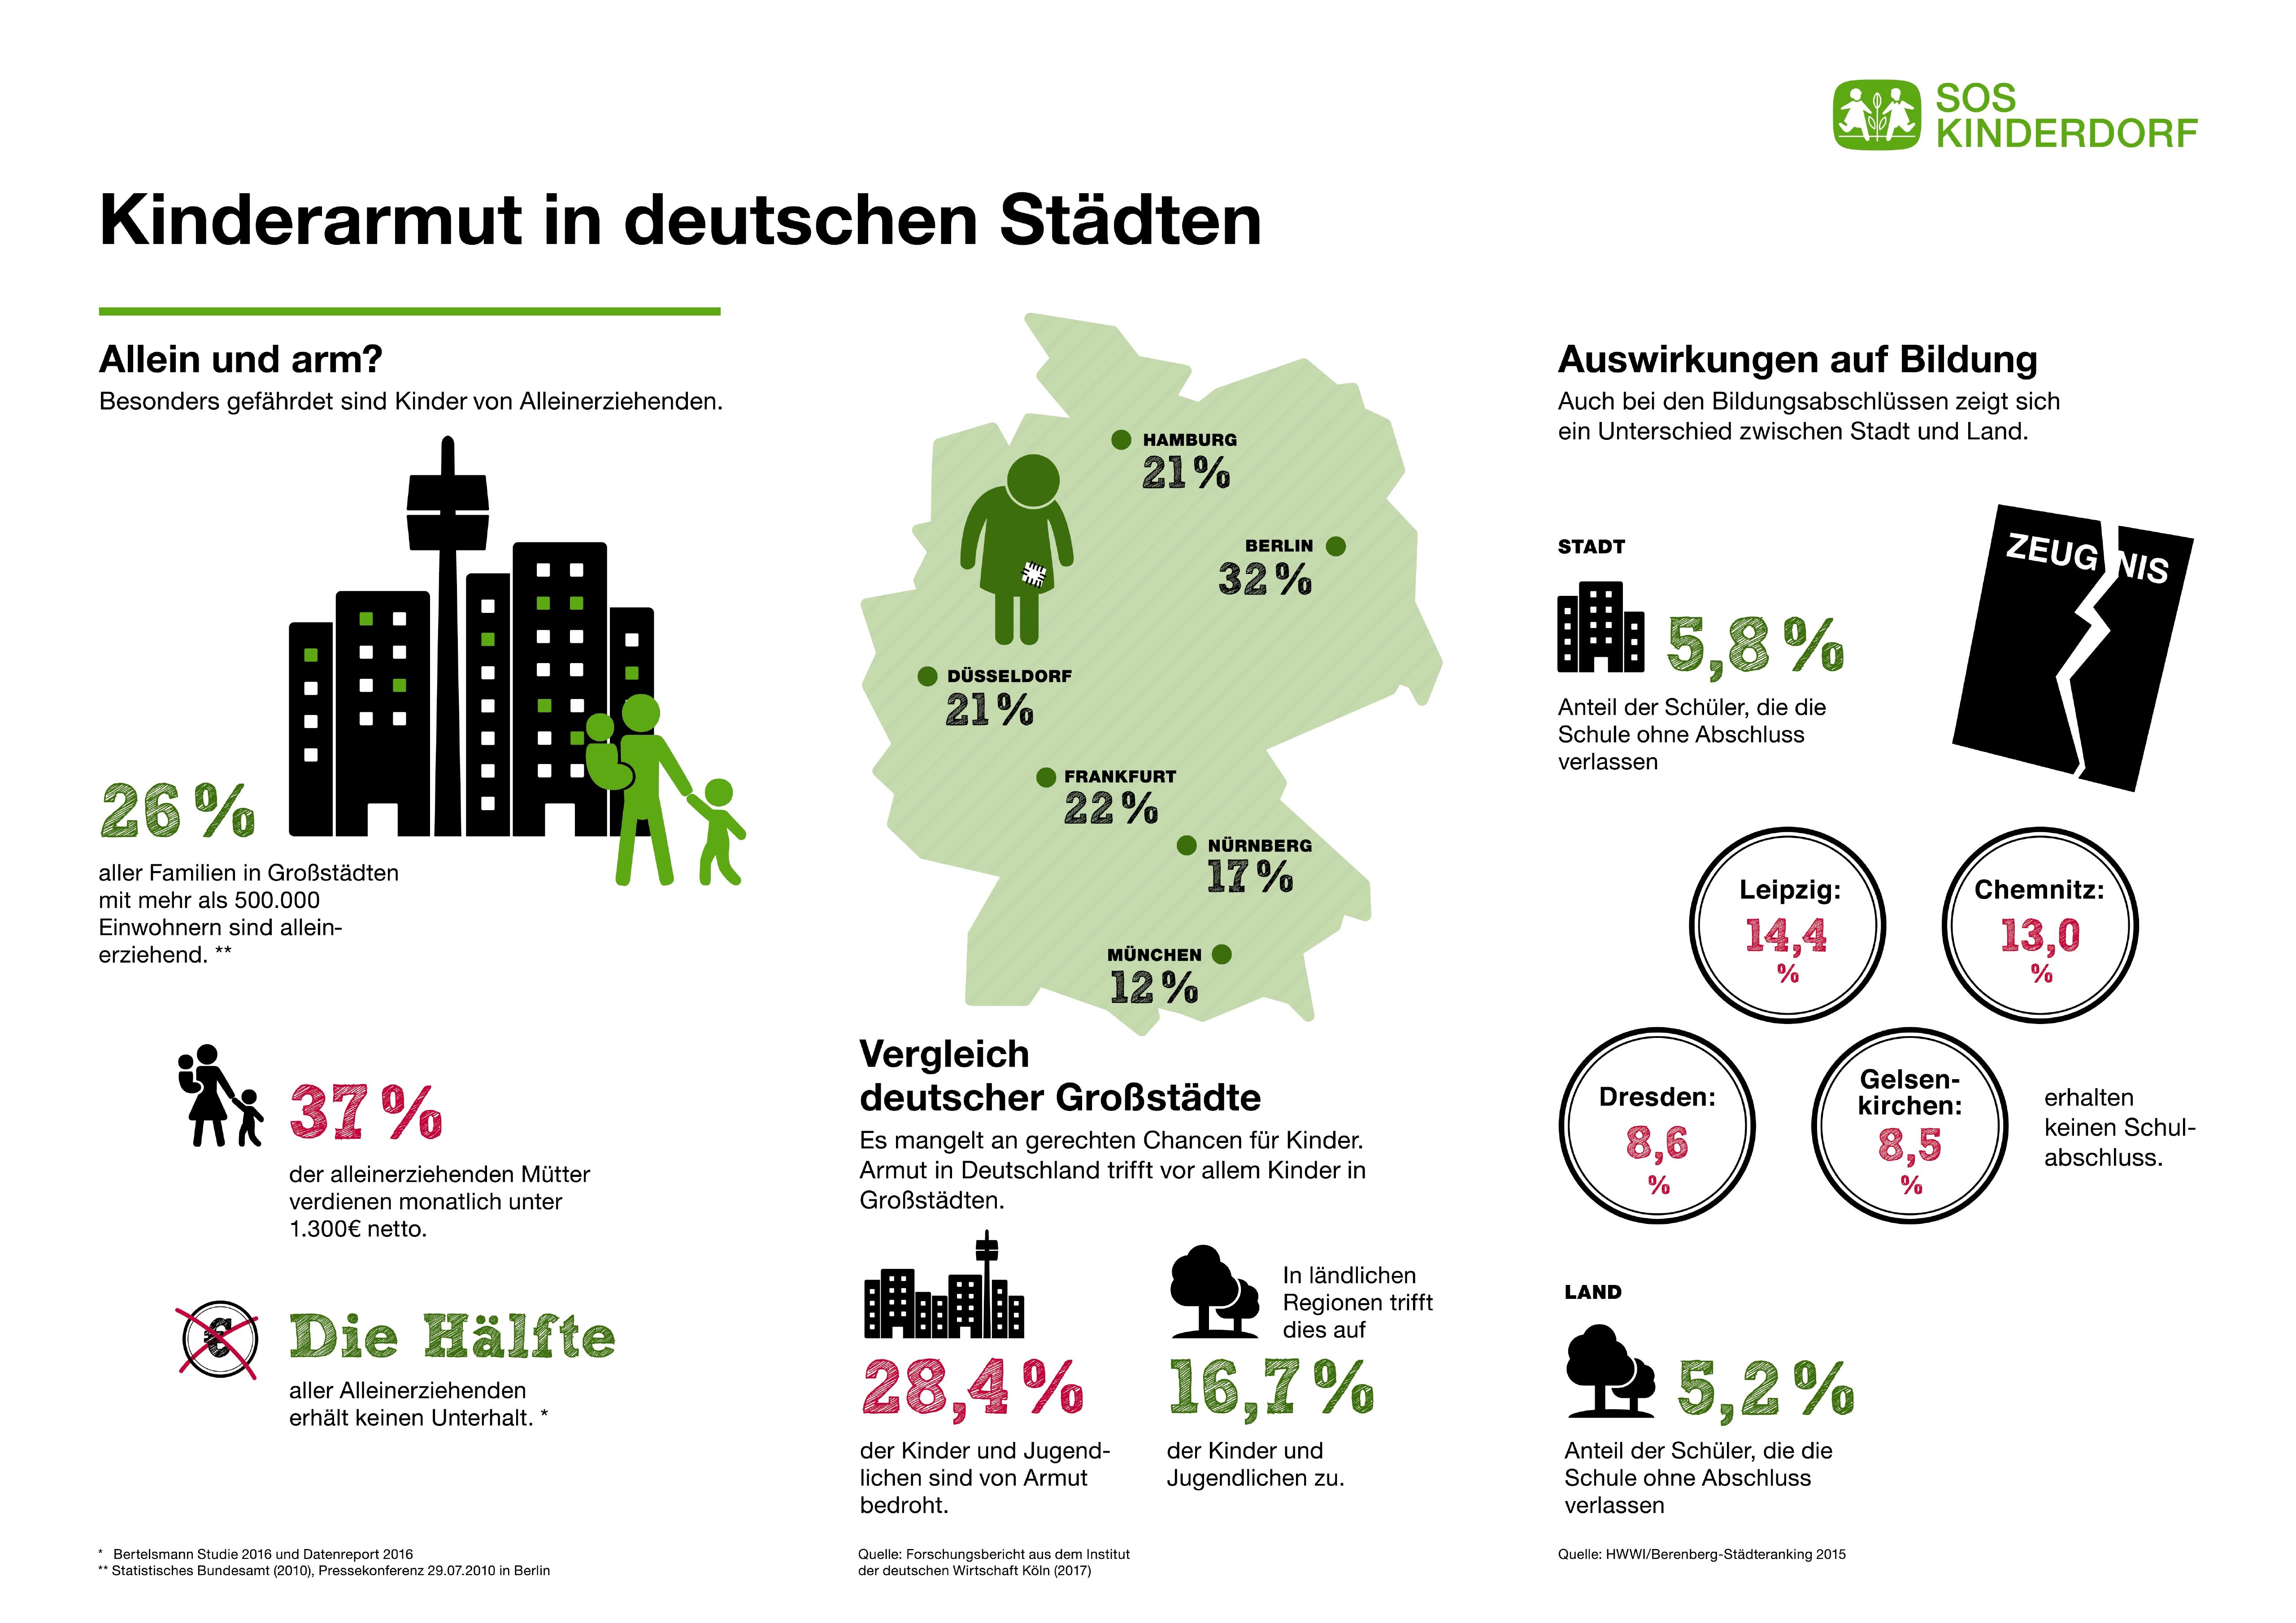 Ausländeranteil In Deutschen Gefängnissen